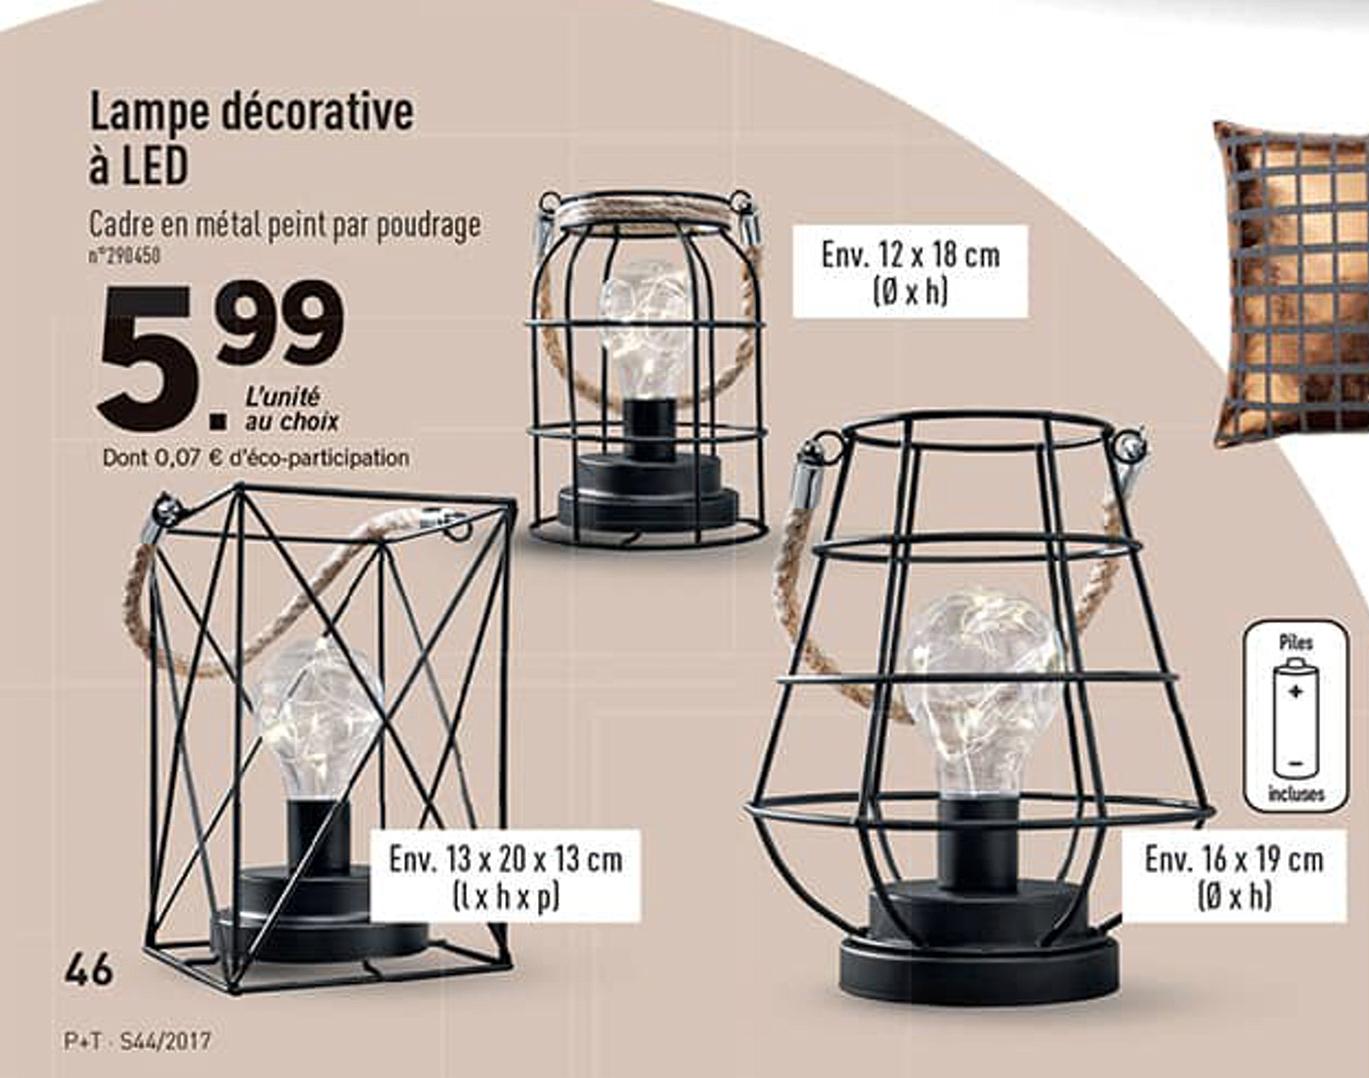 lampe d corative led plusieurs mod les. Black Bedroom Furniture Sets. Home Design Ideas